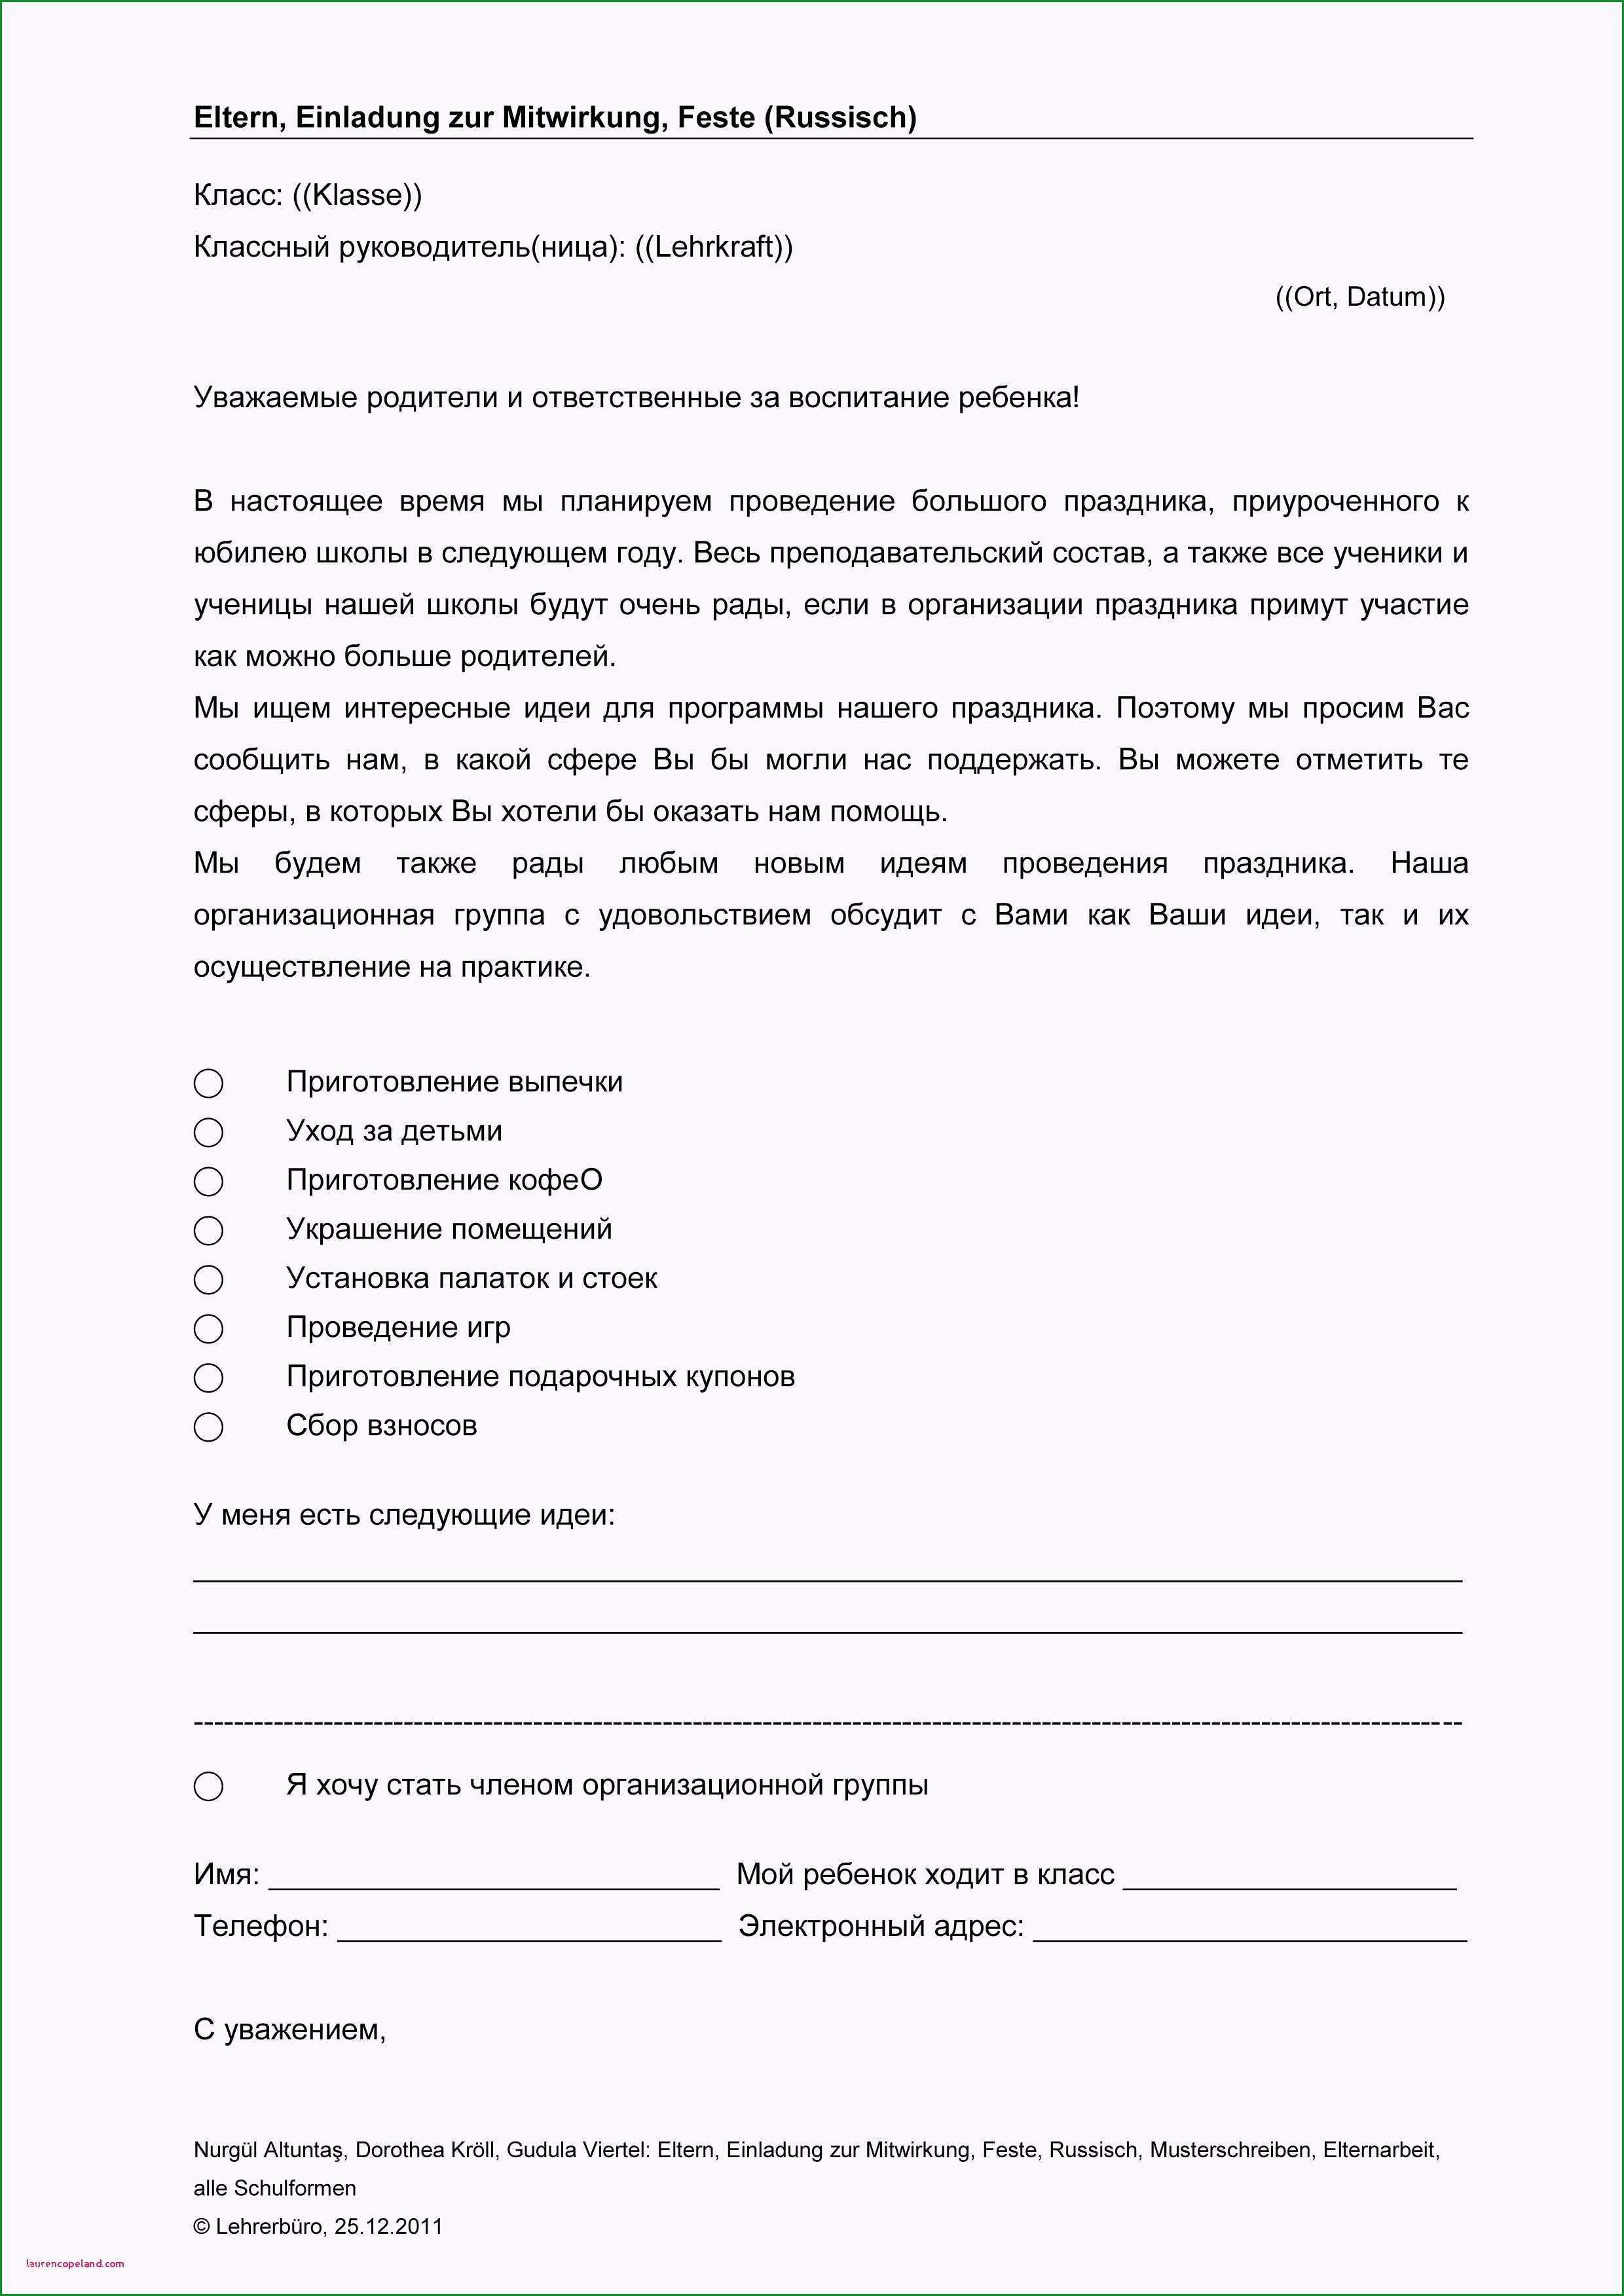 vorlage einladung weihnachtsfeier kollegen einladung abschlussfeier schule vorlage frais 20 einladung schreiben 2